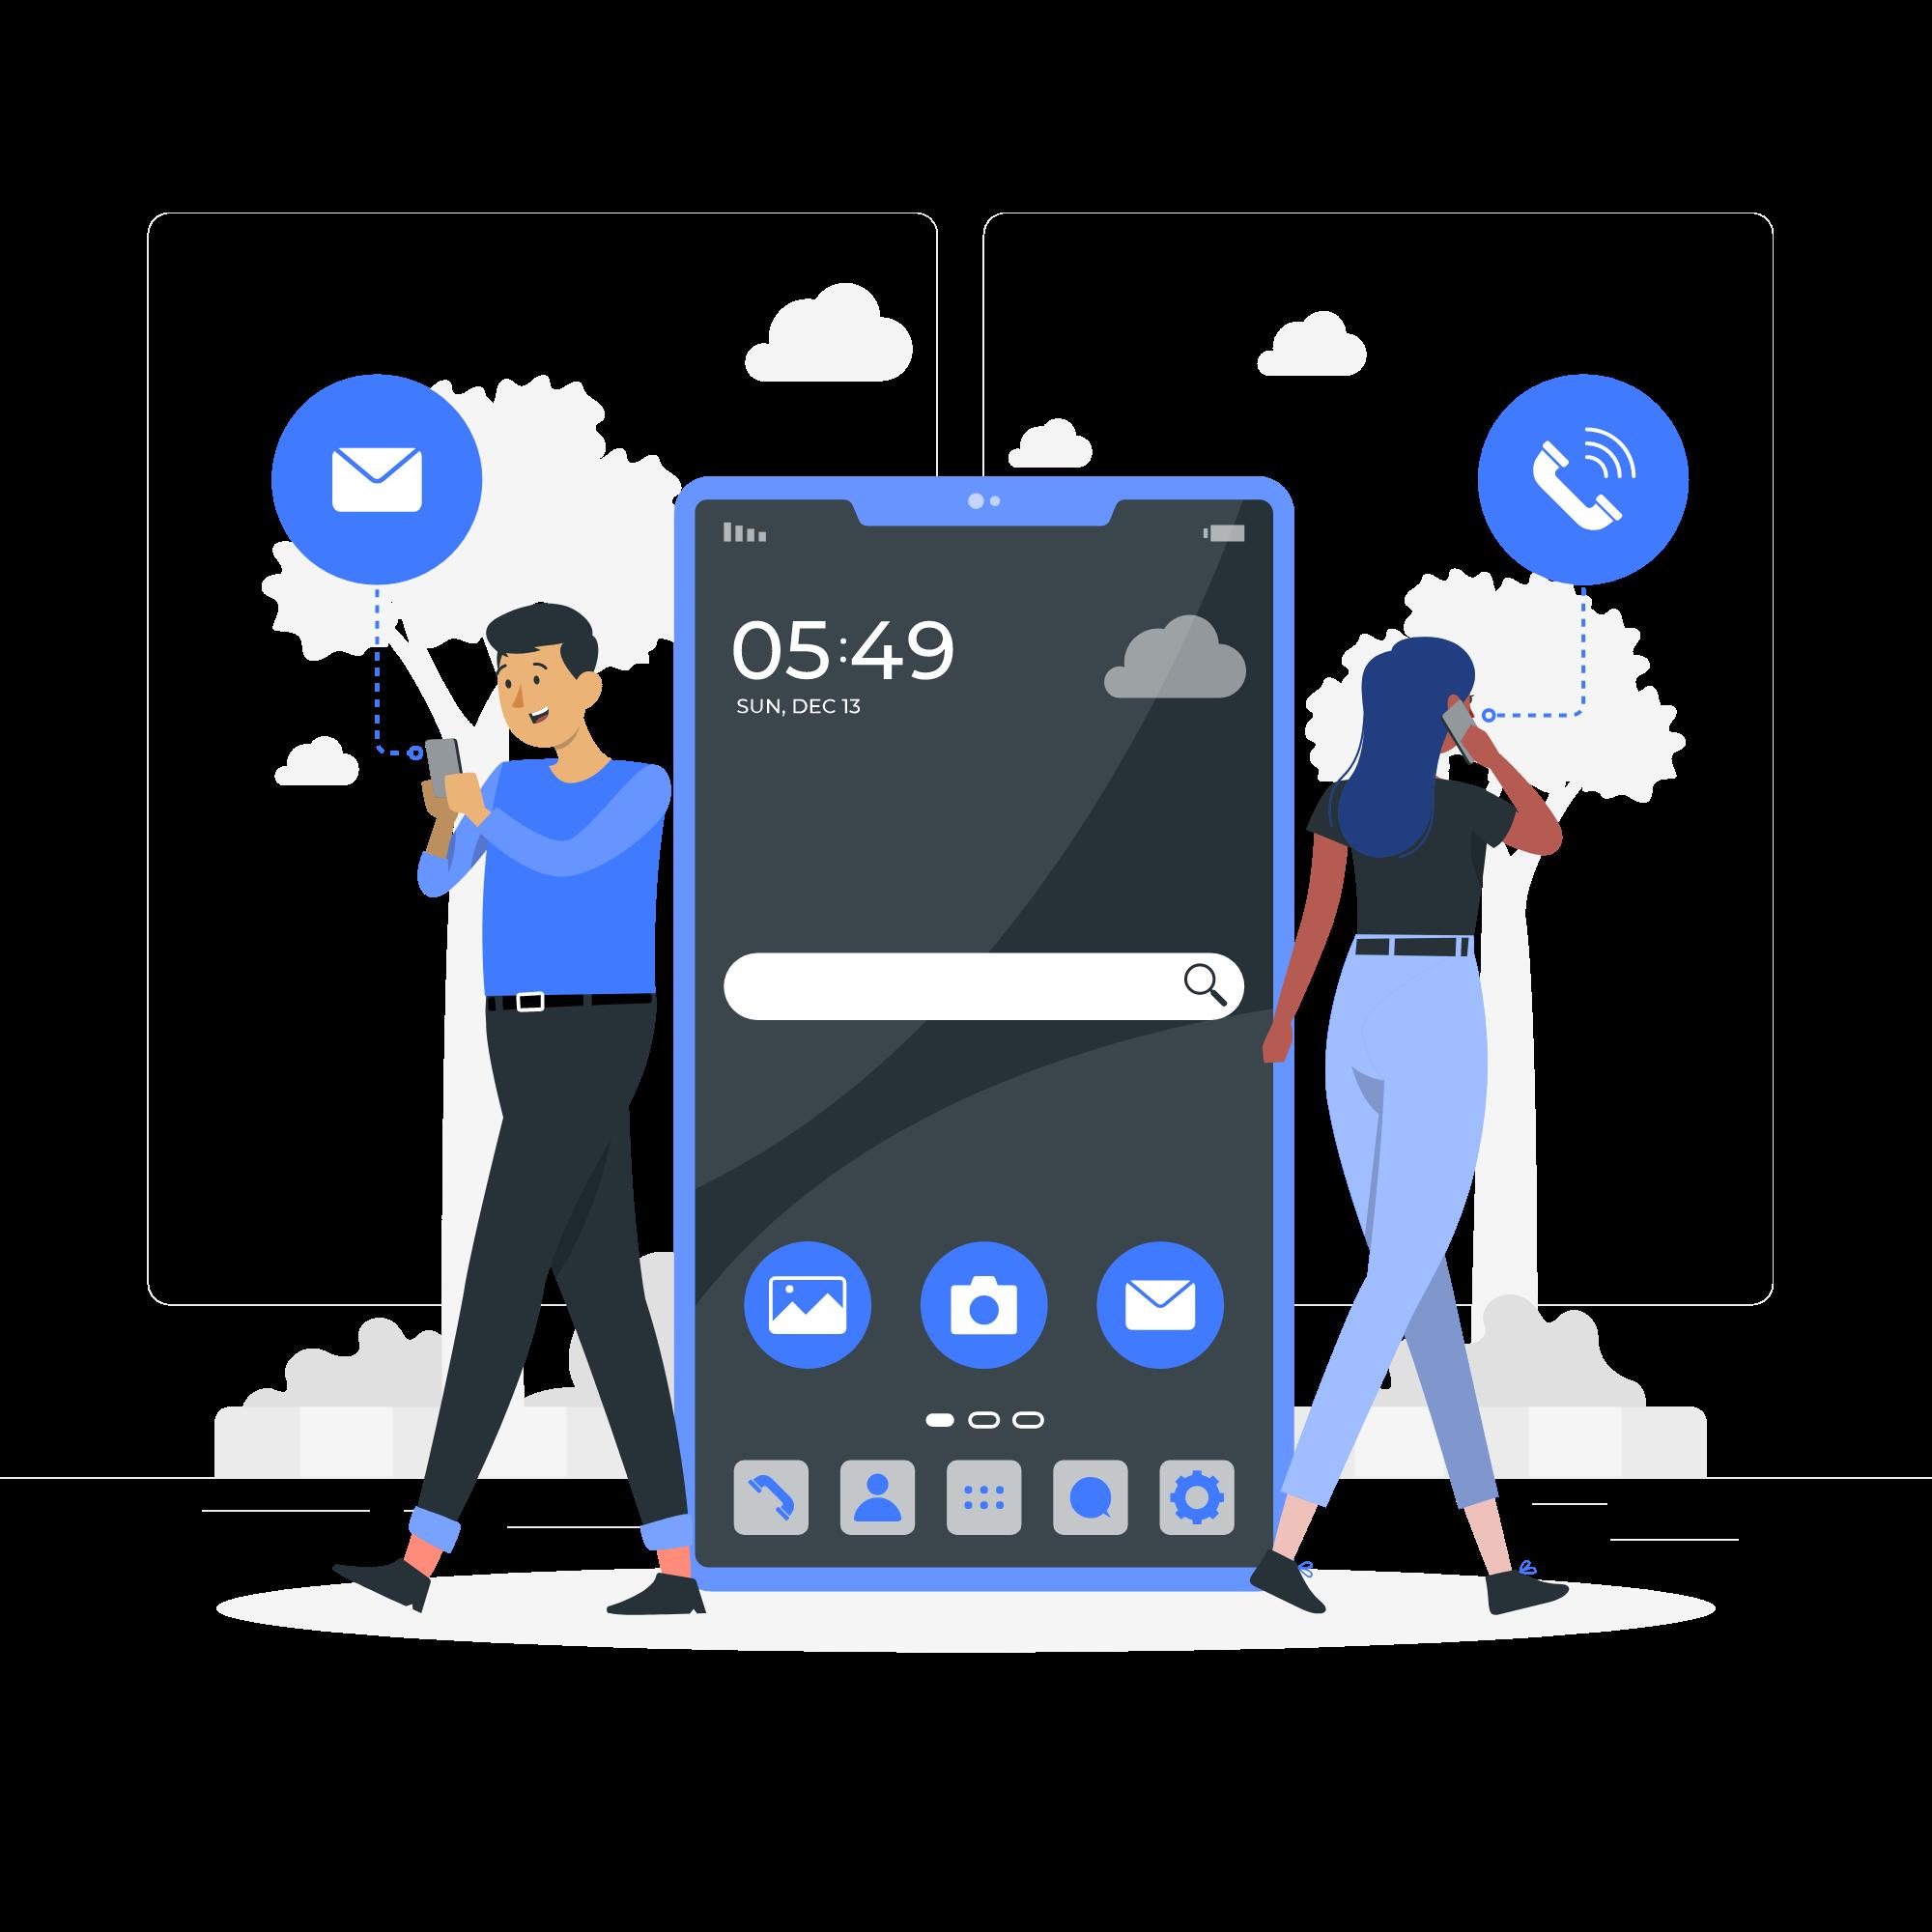 Cellphone-rafiki